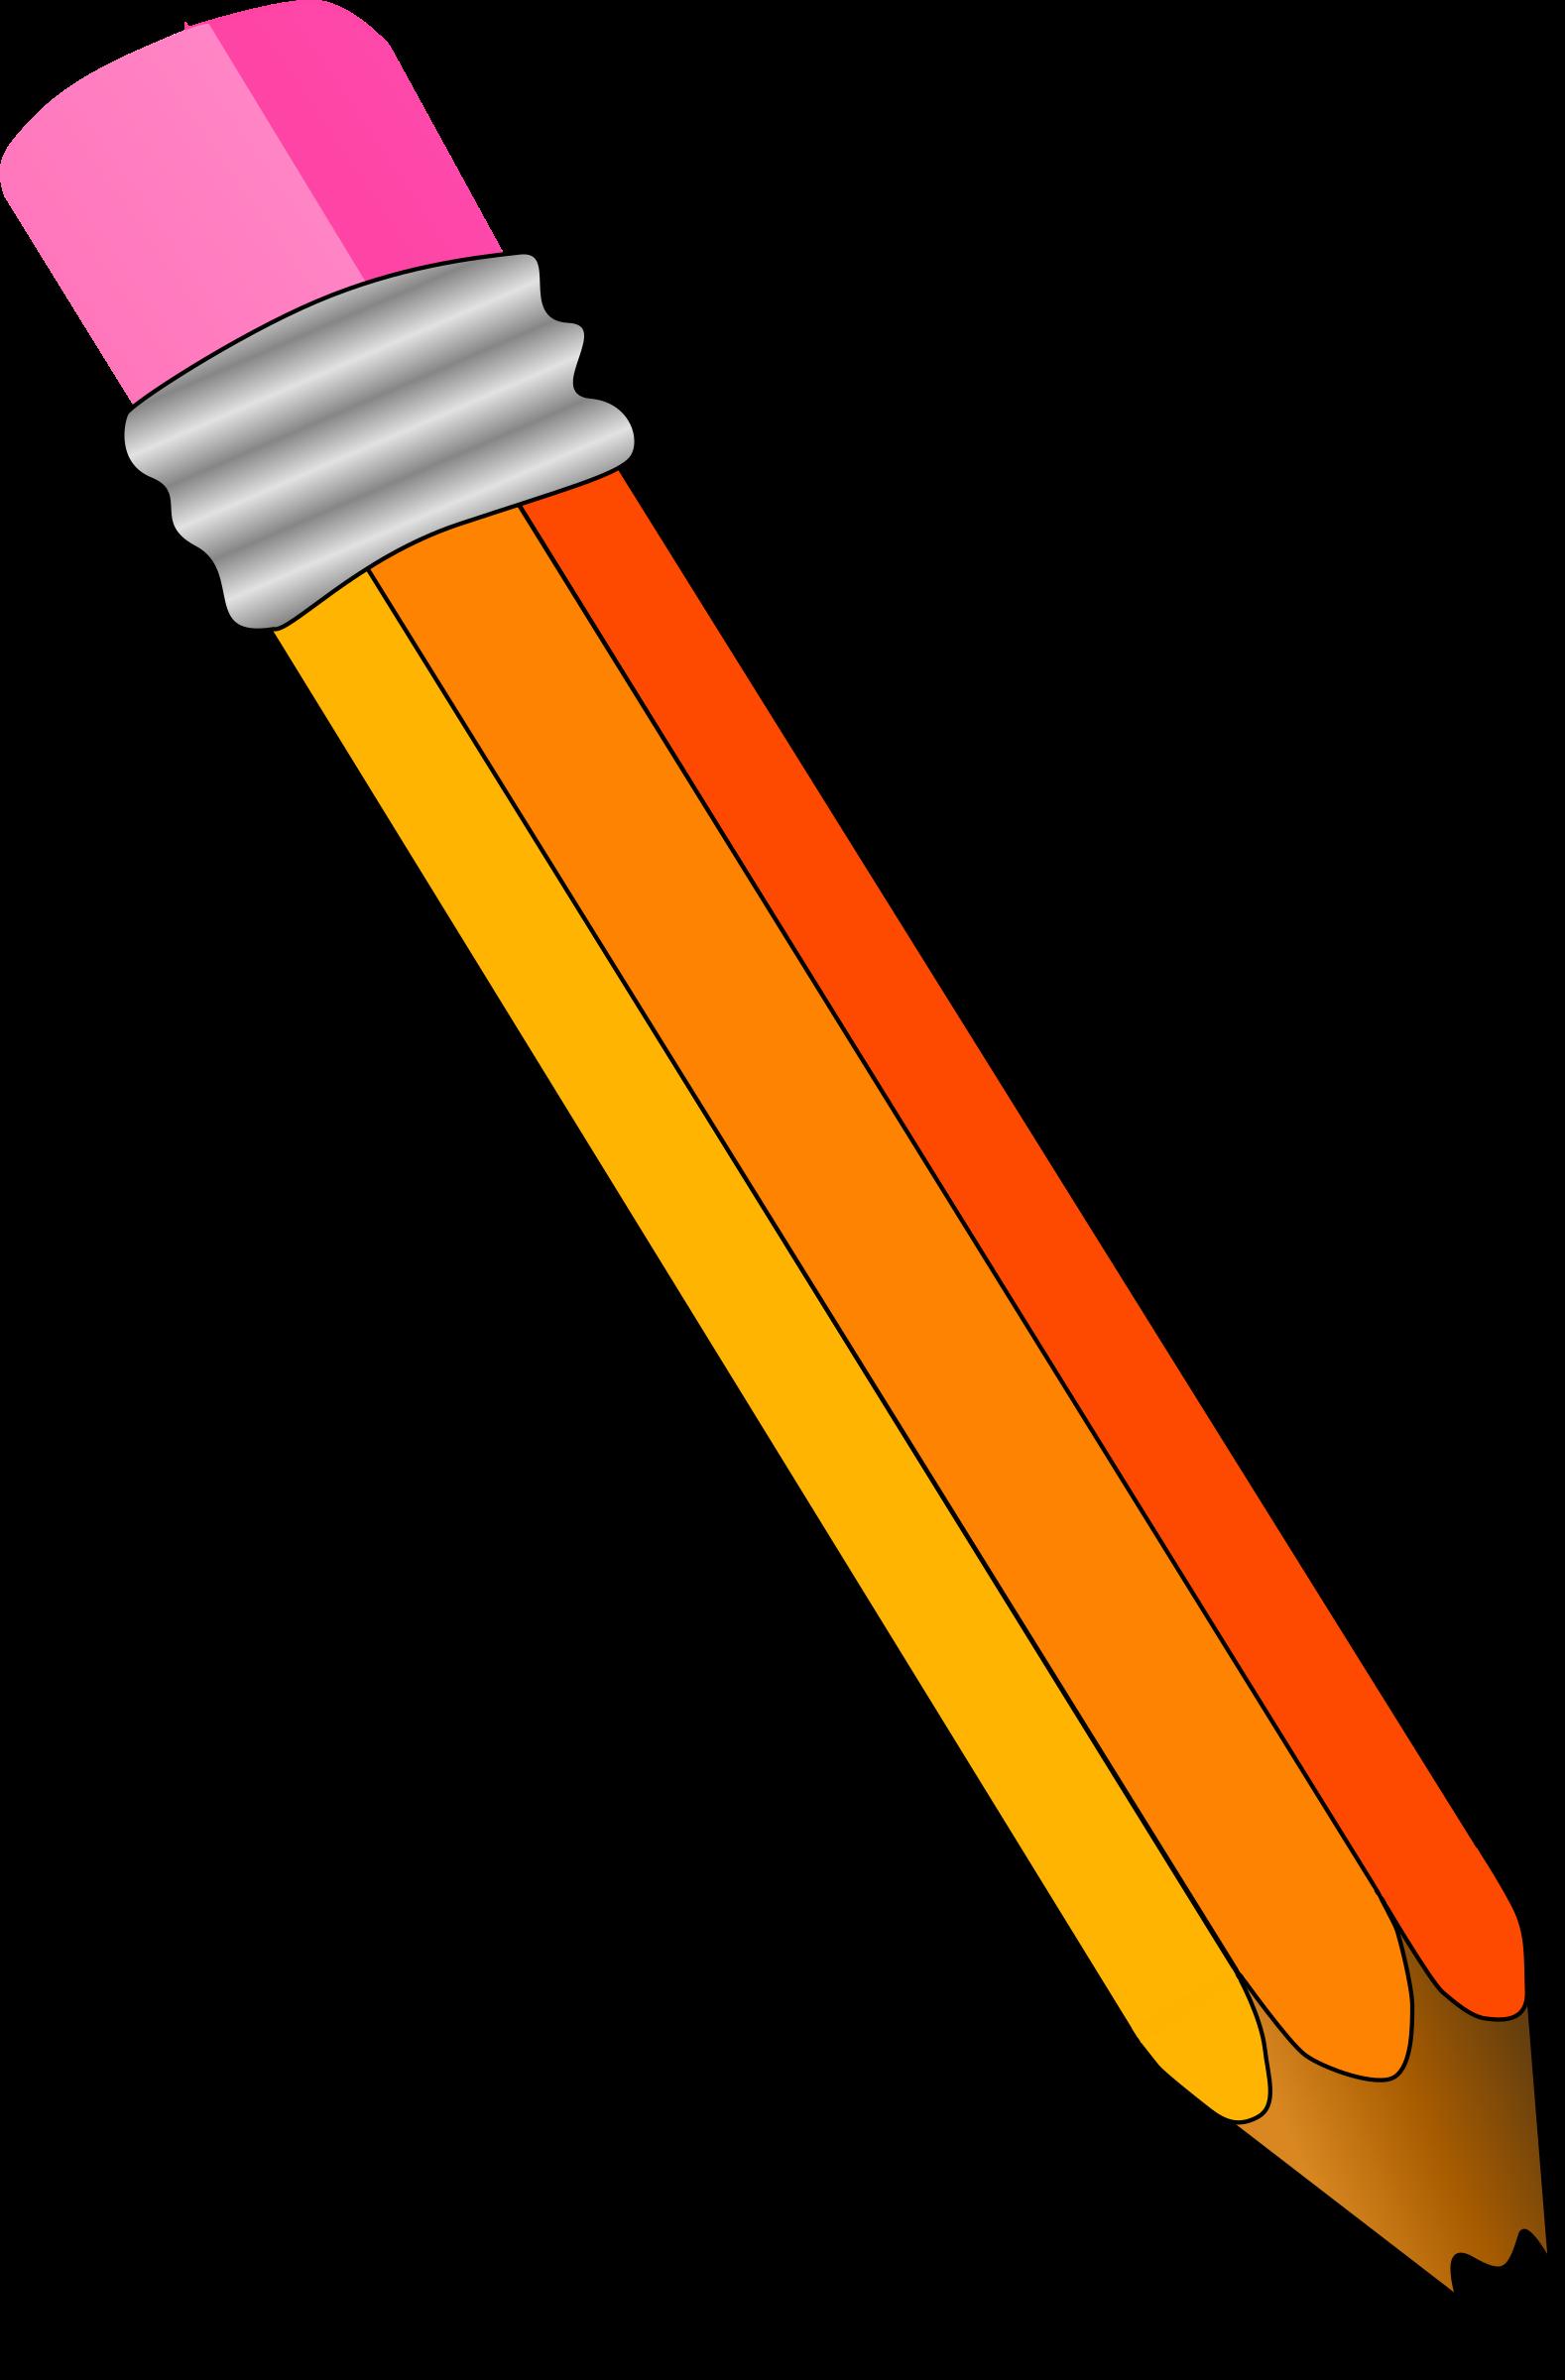 Pencil-Pencil-9